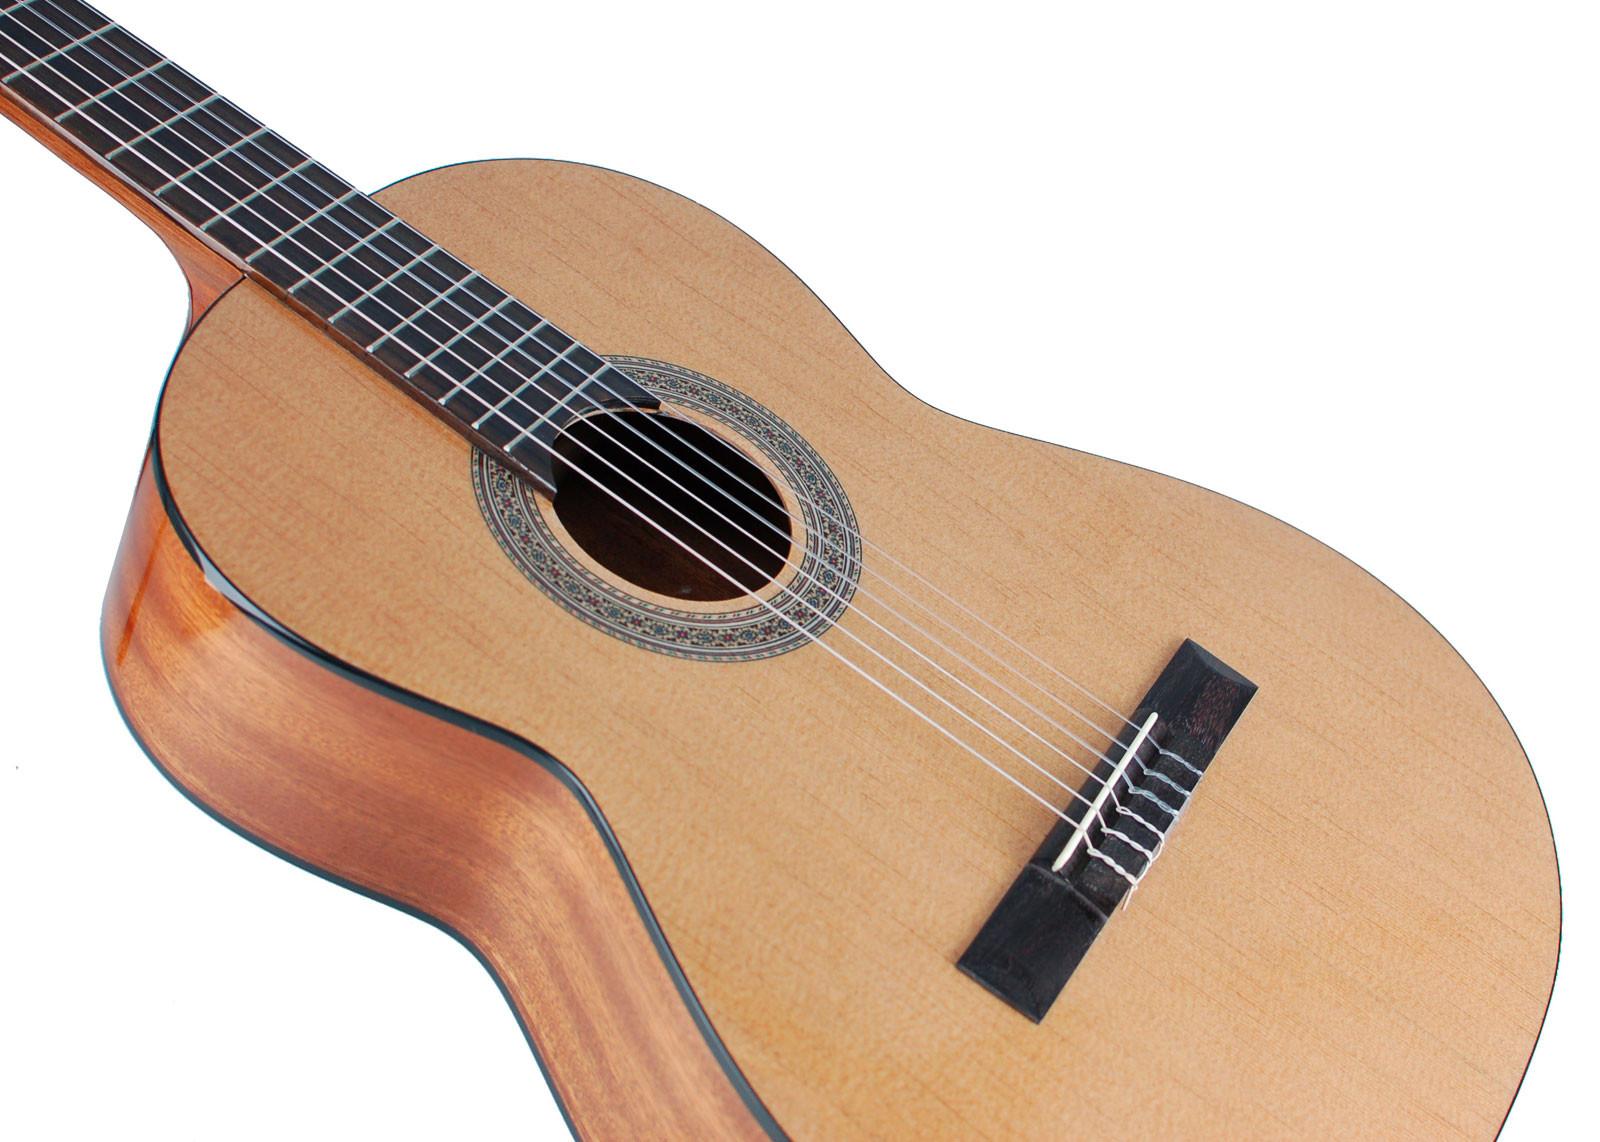 испанская гитара купить